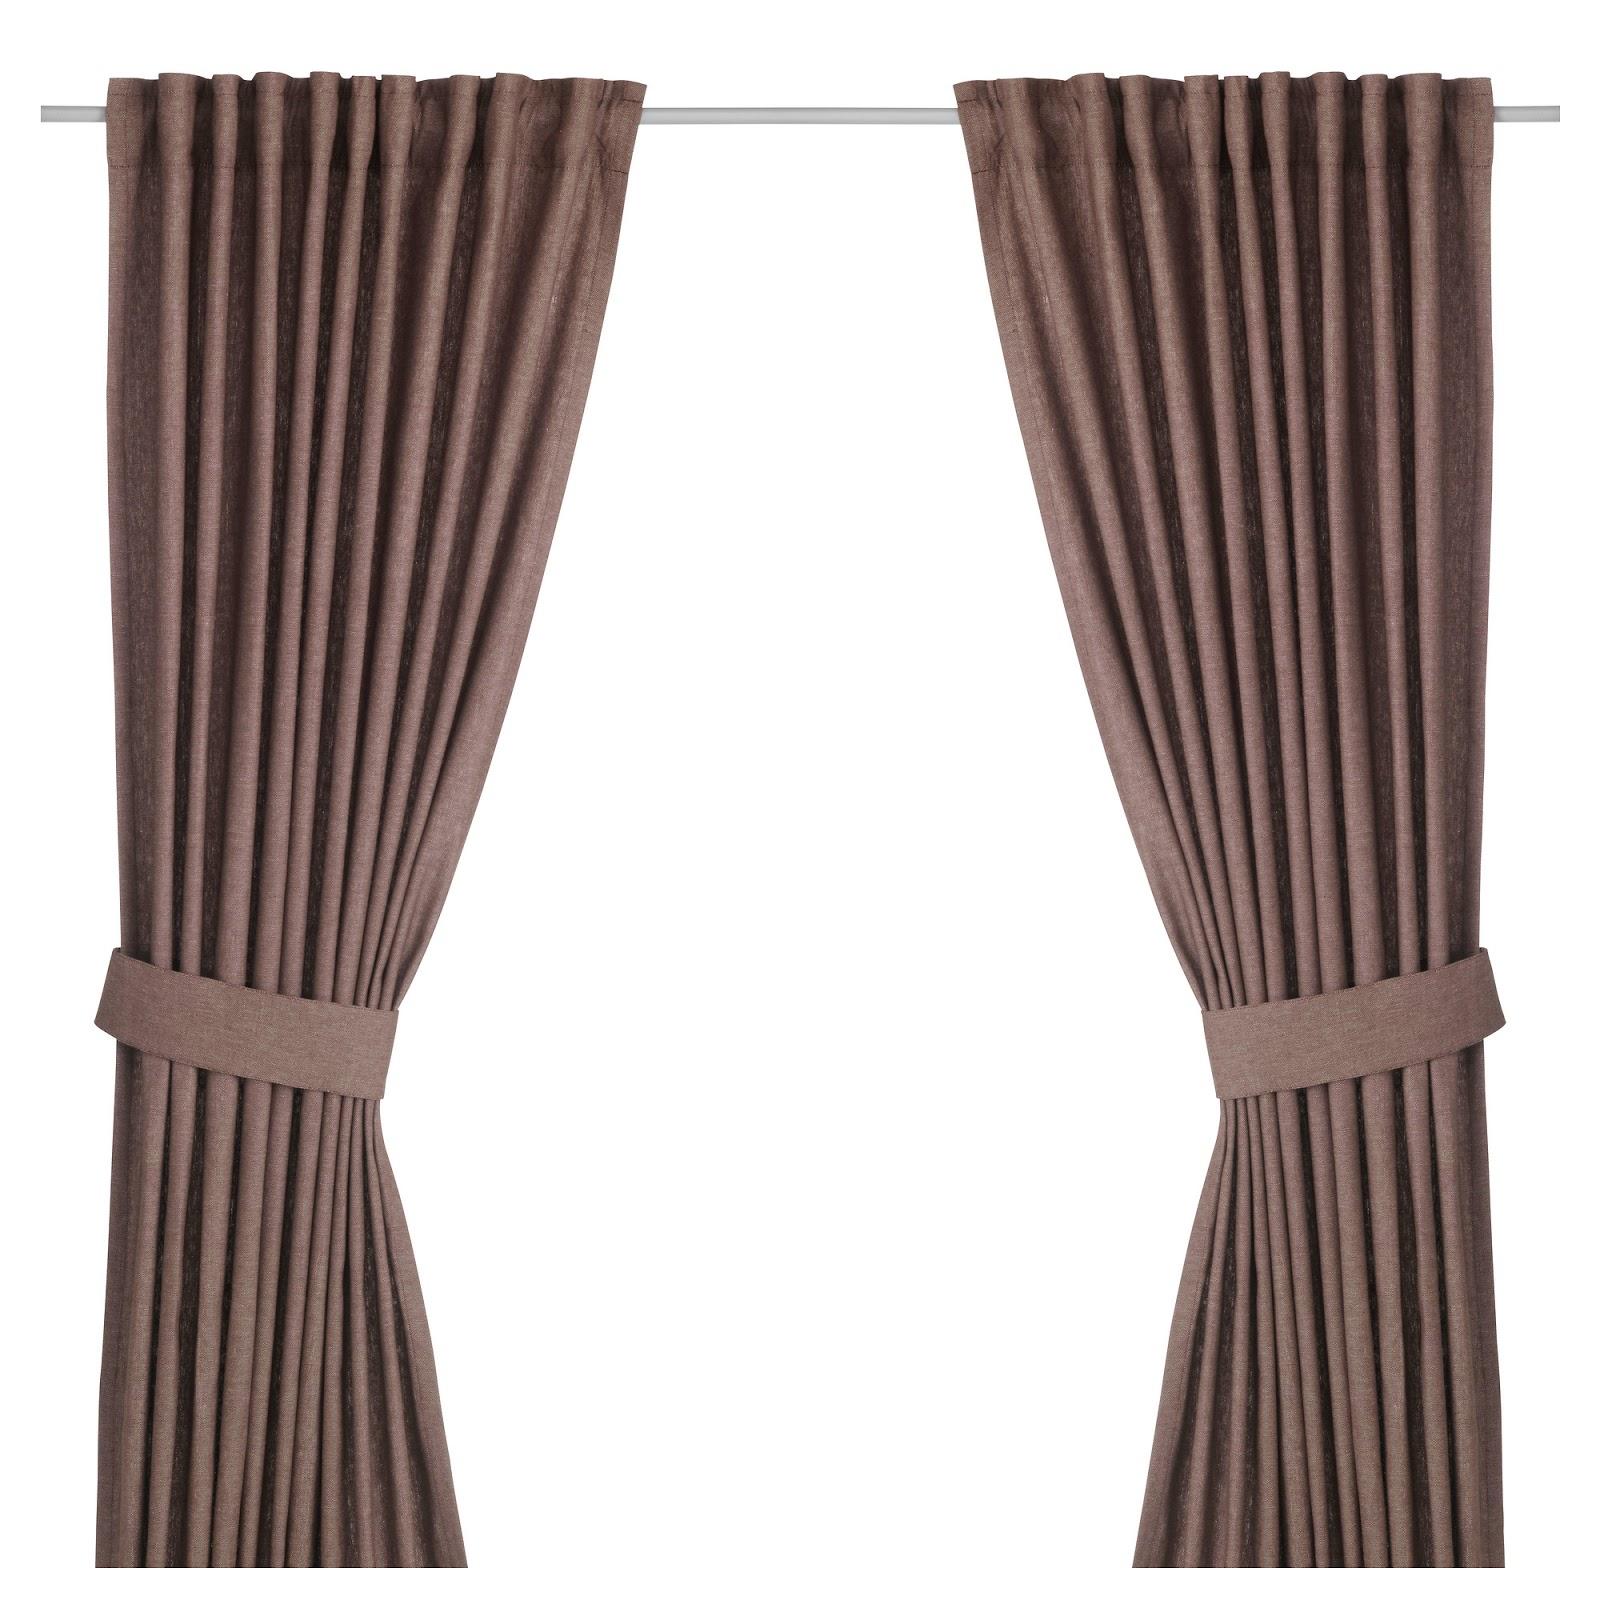 Curtain Interlining Fabric Iron Japanese Style Kids Room Kitchen Ideas